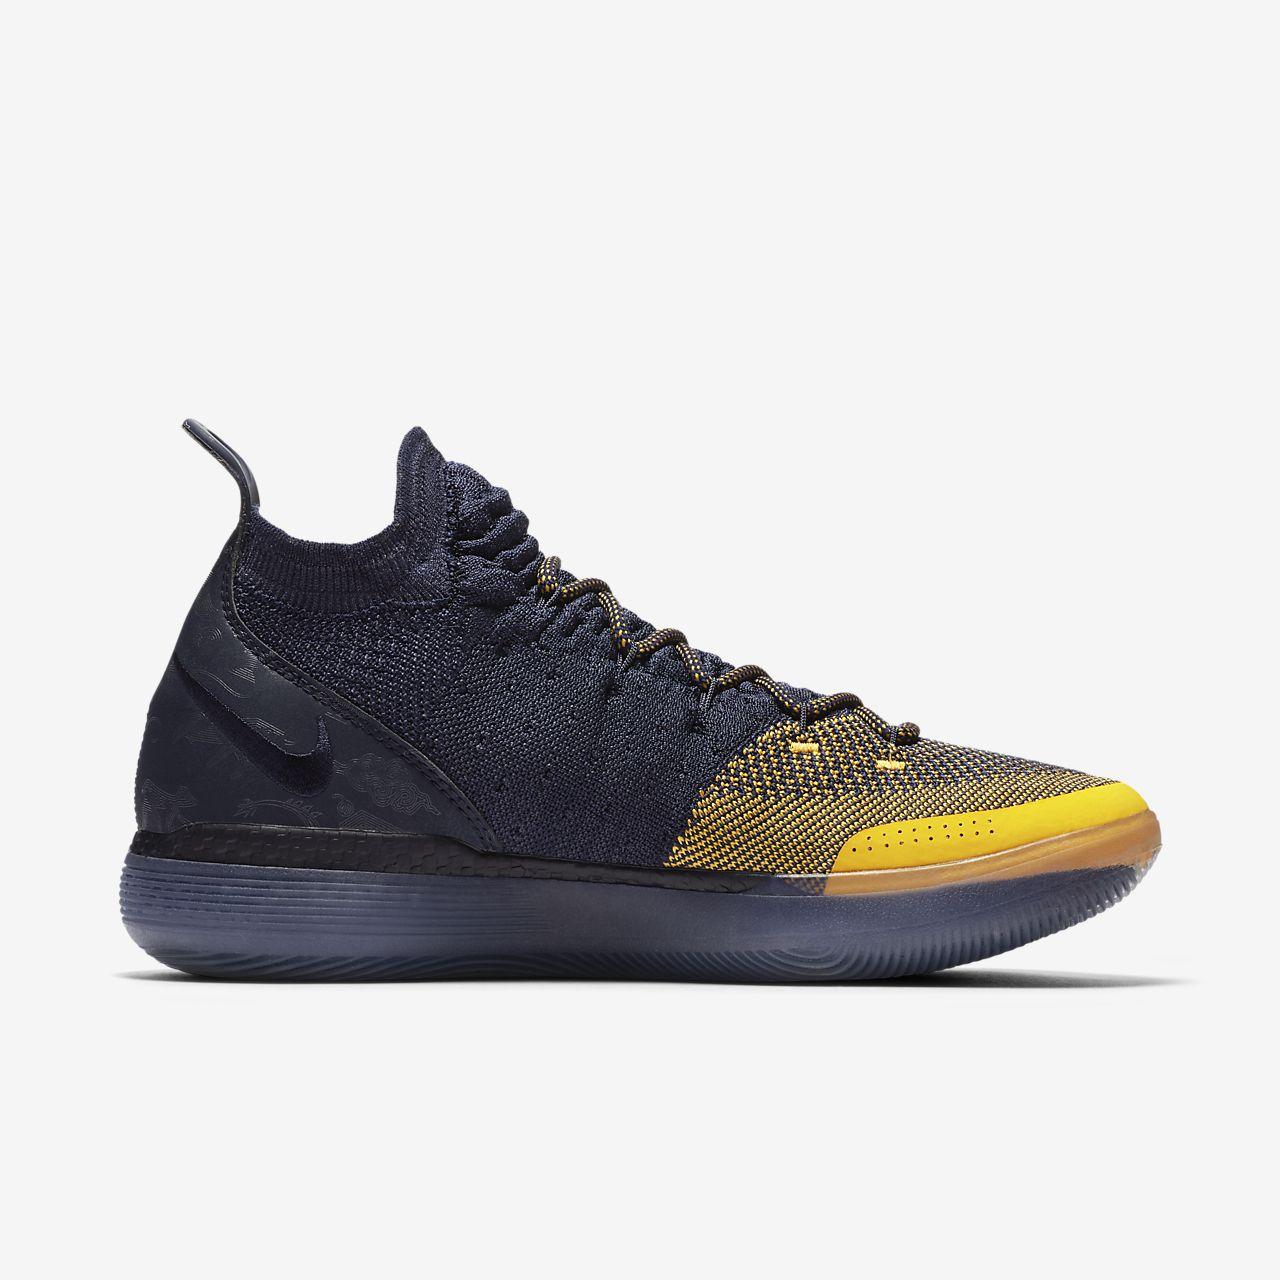 new arrival d51a4 2bf52 ... Basketsko Nike Zoom KD11 för män